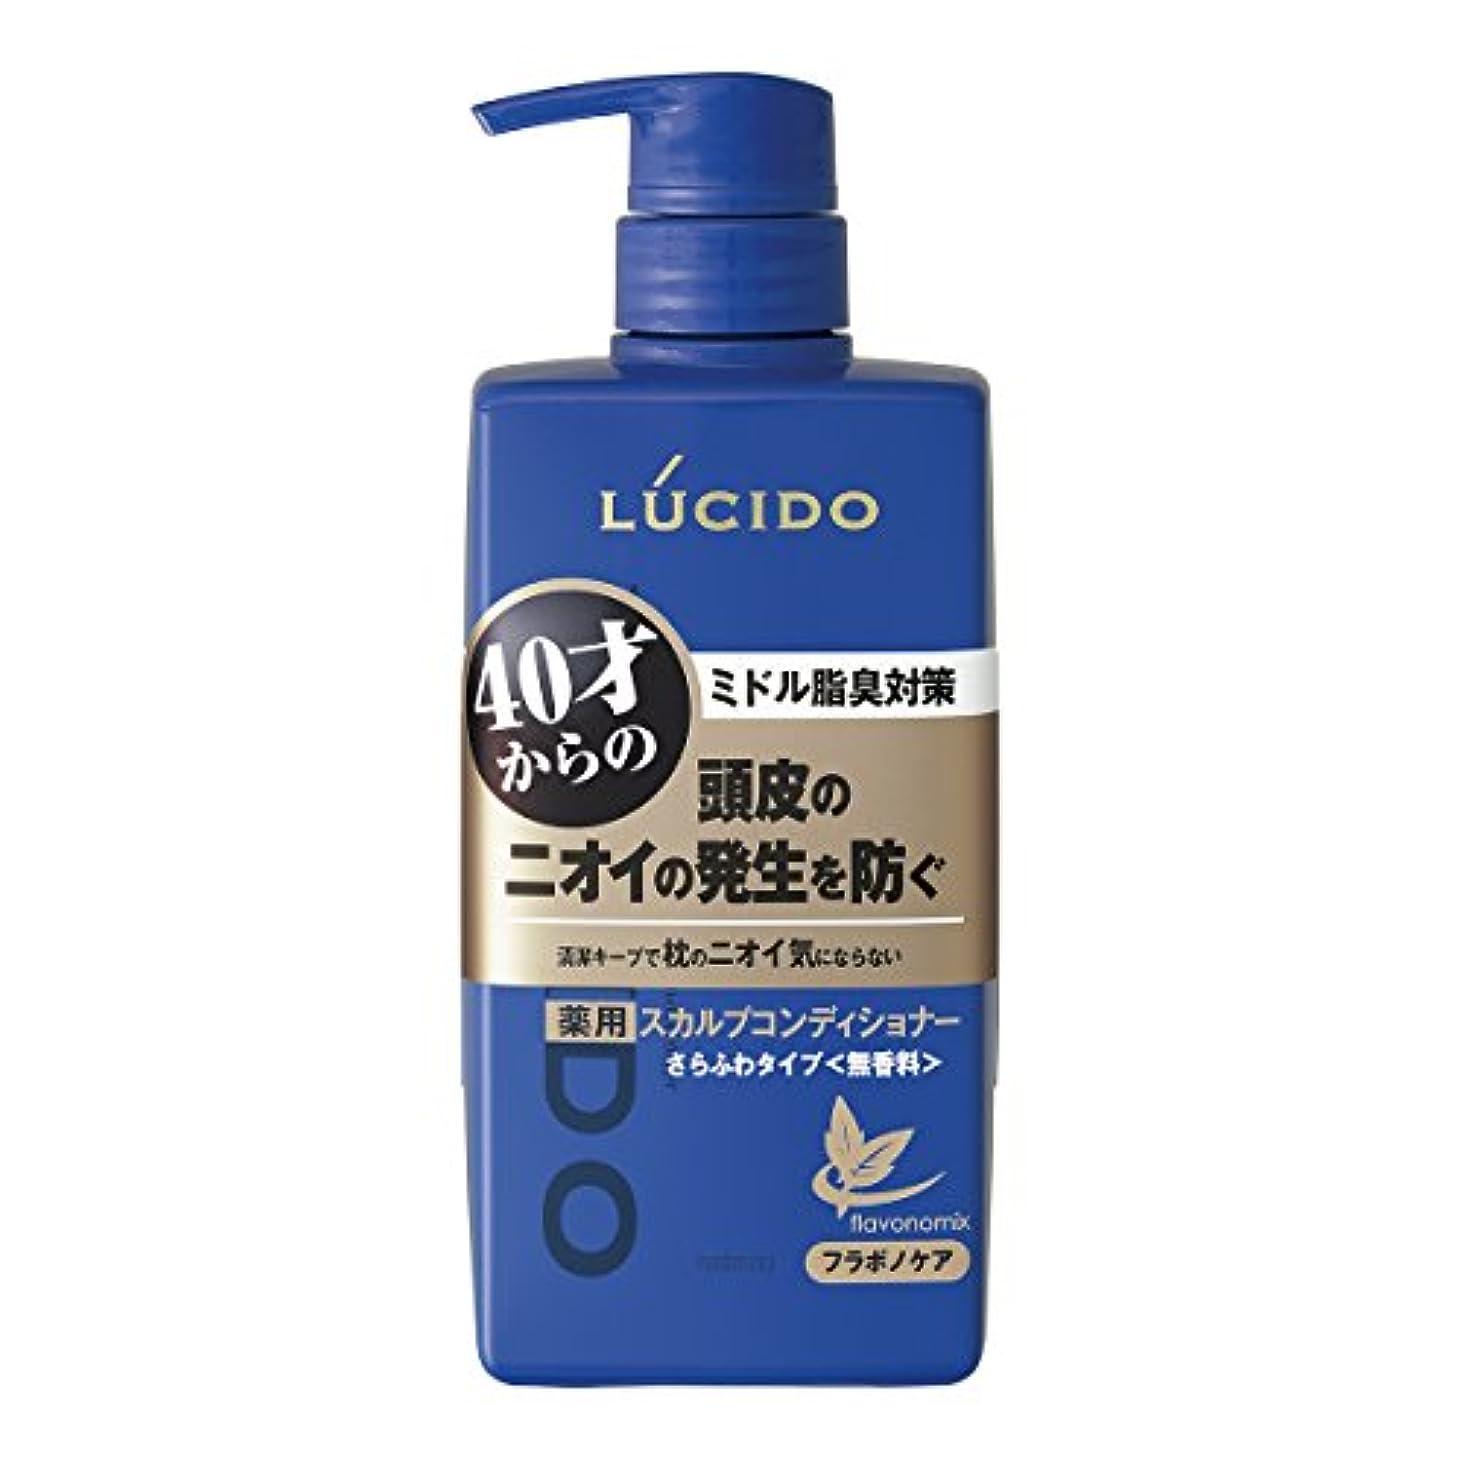 ジョガースティック連続的ルシード 薬用ヘア&スカルプコンディショナー 450g(医薬部外品)